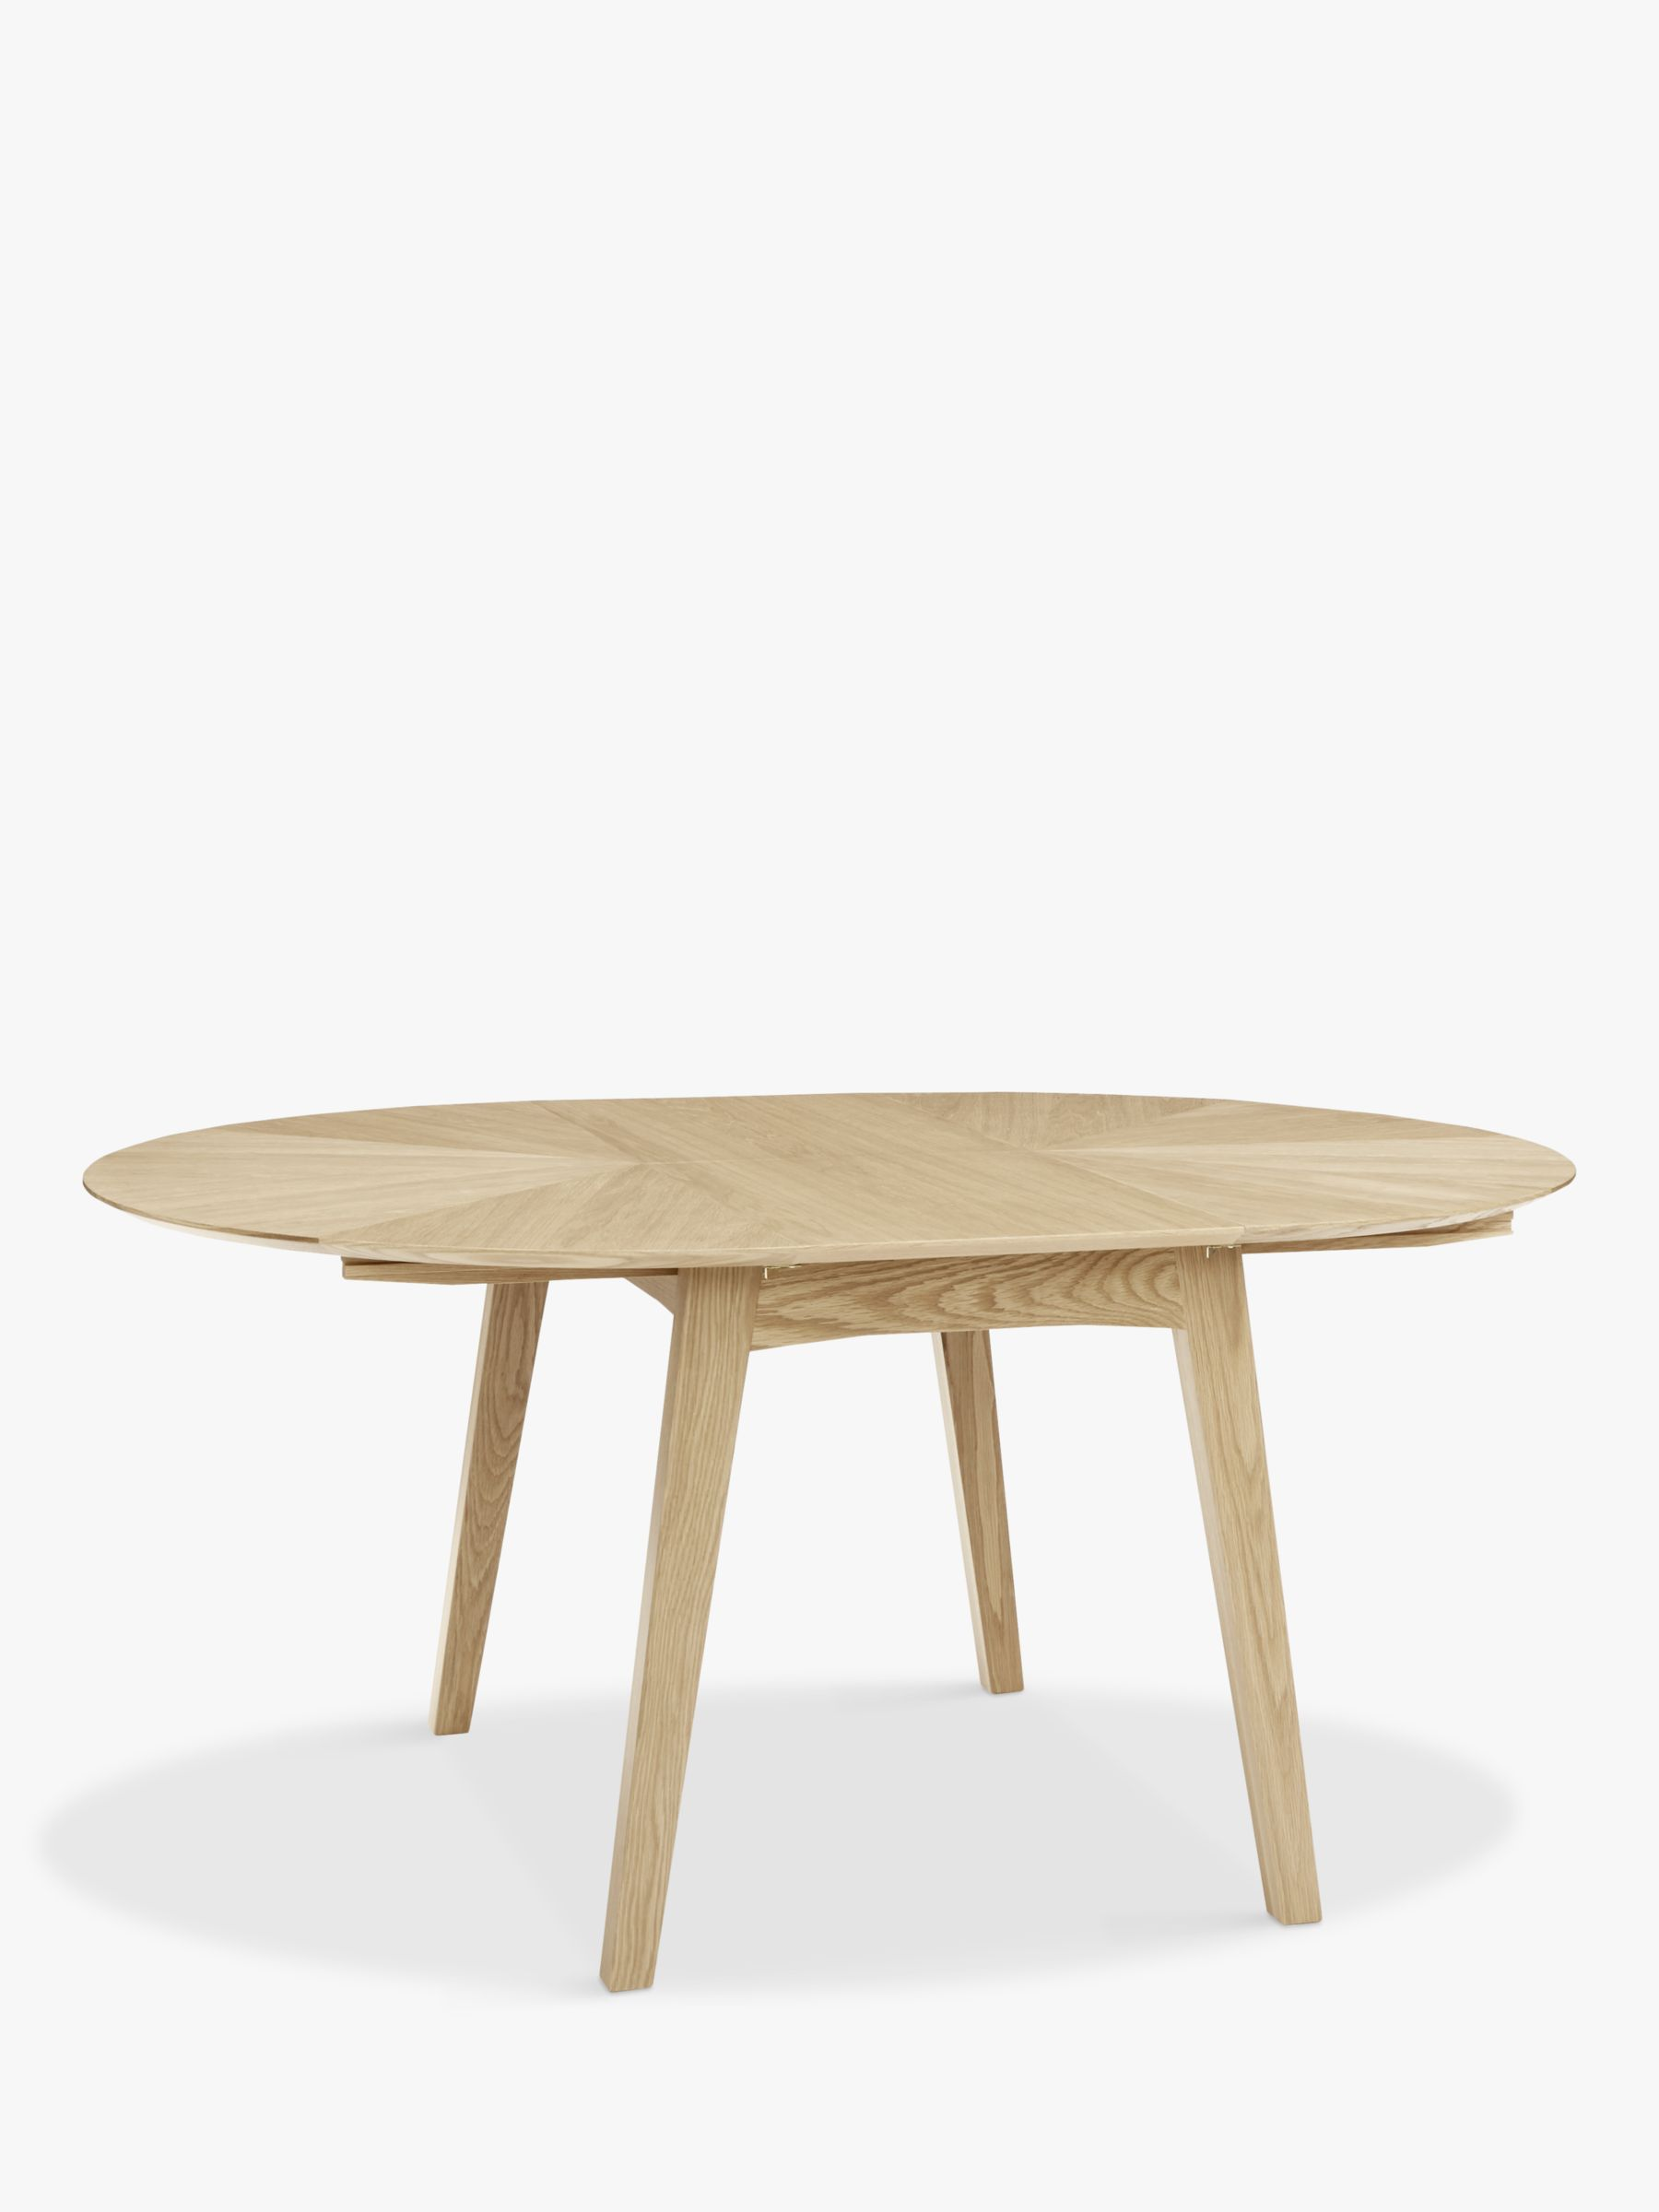 John Lewis Duhrer 4 6 Seater Extending Round Dining Table